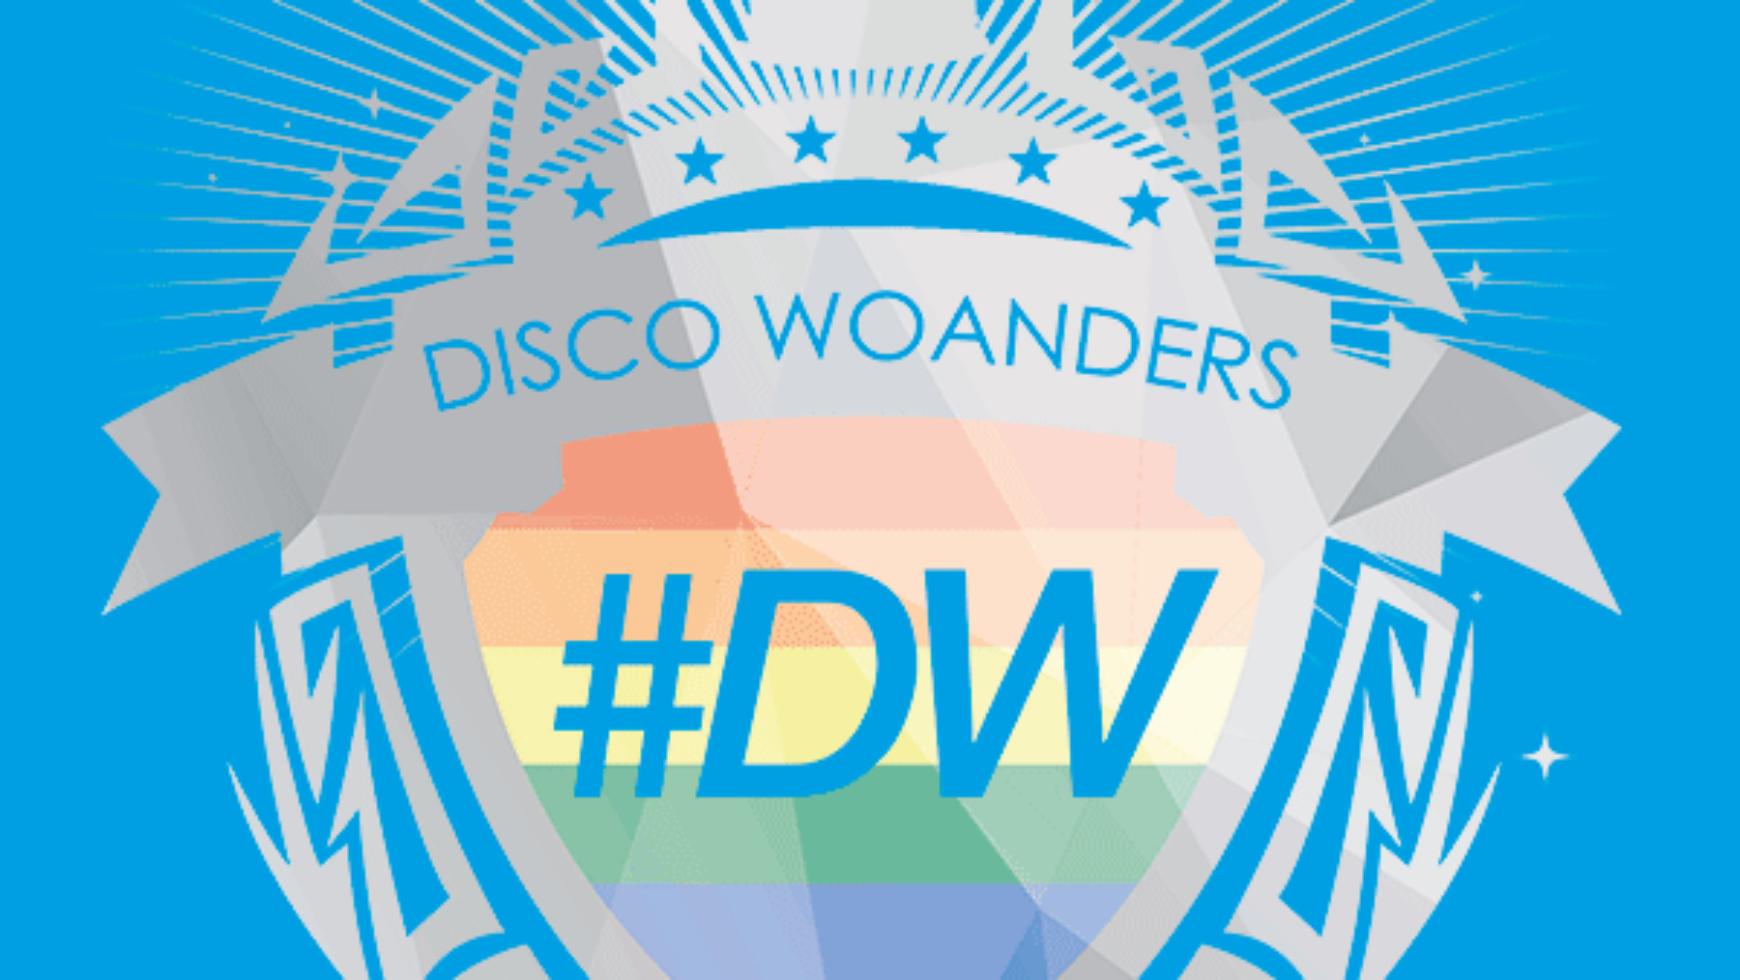 Disco WoAnders